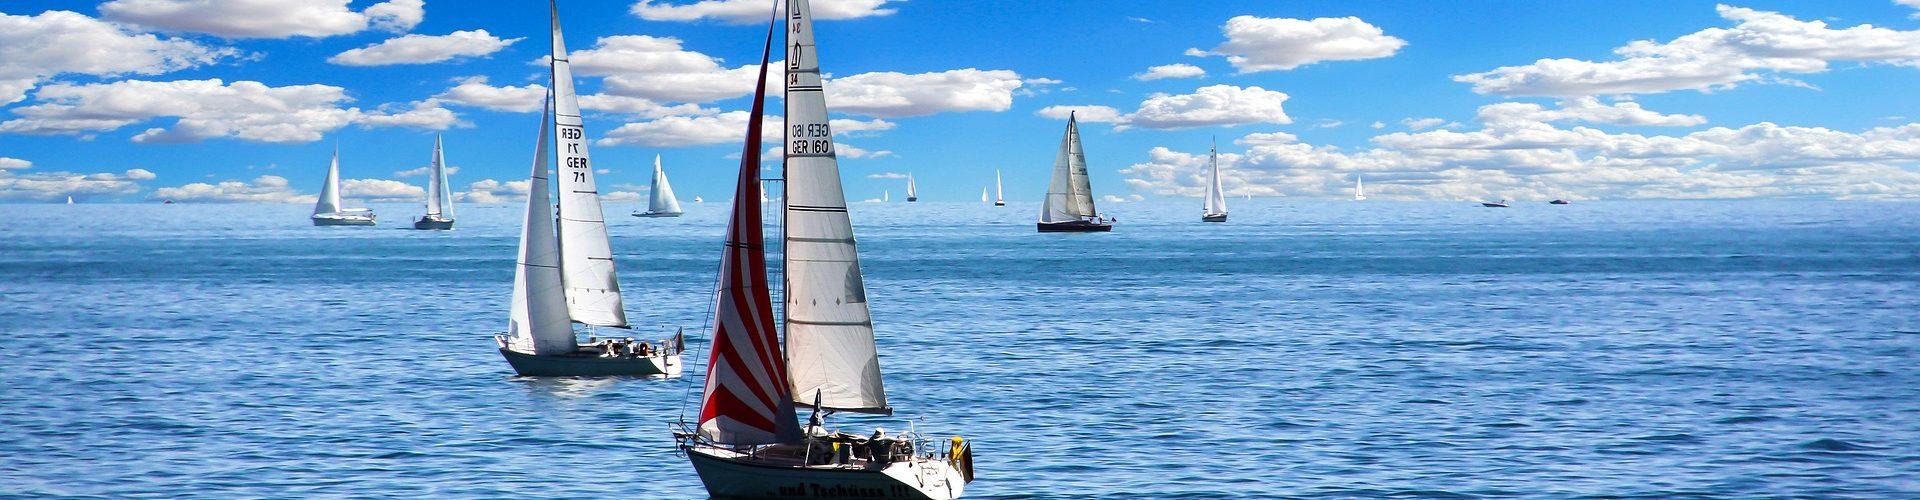 segeln lernen in Warburg segelschein machen in Warburg 1920x500 - Segeln lernen in Warburg